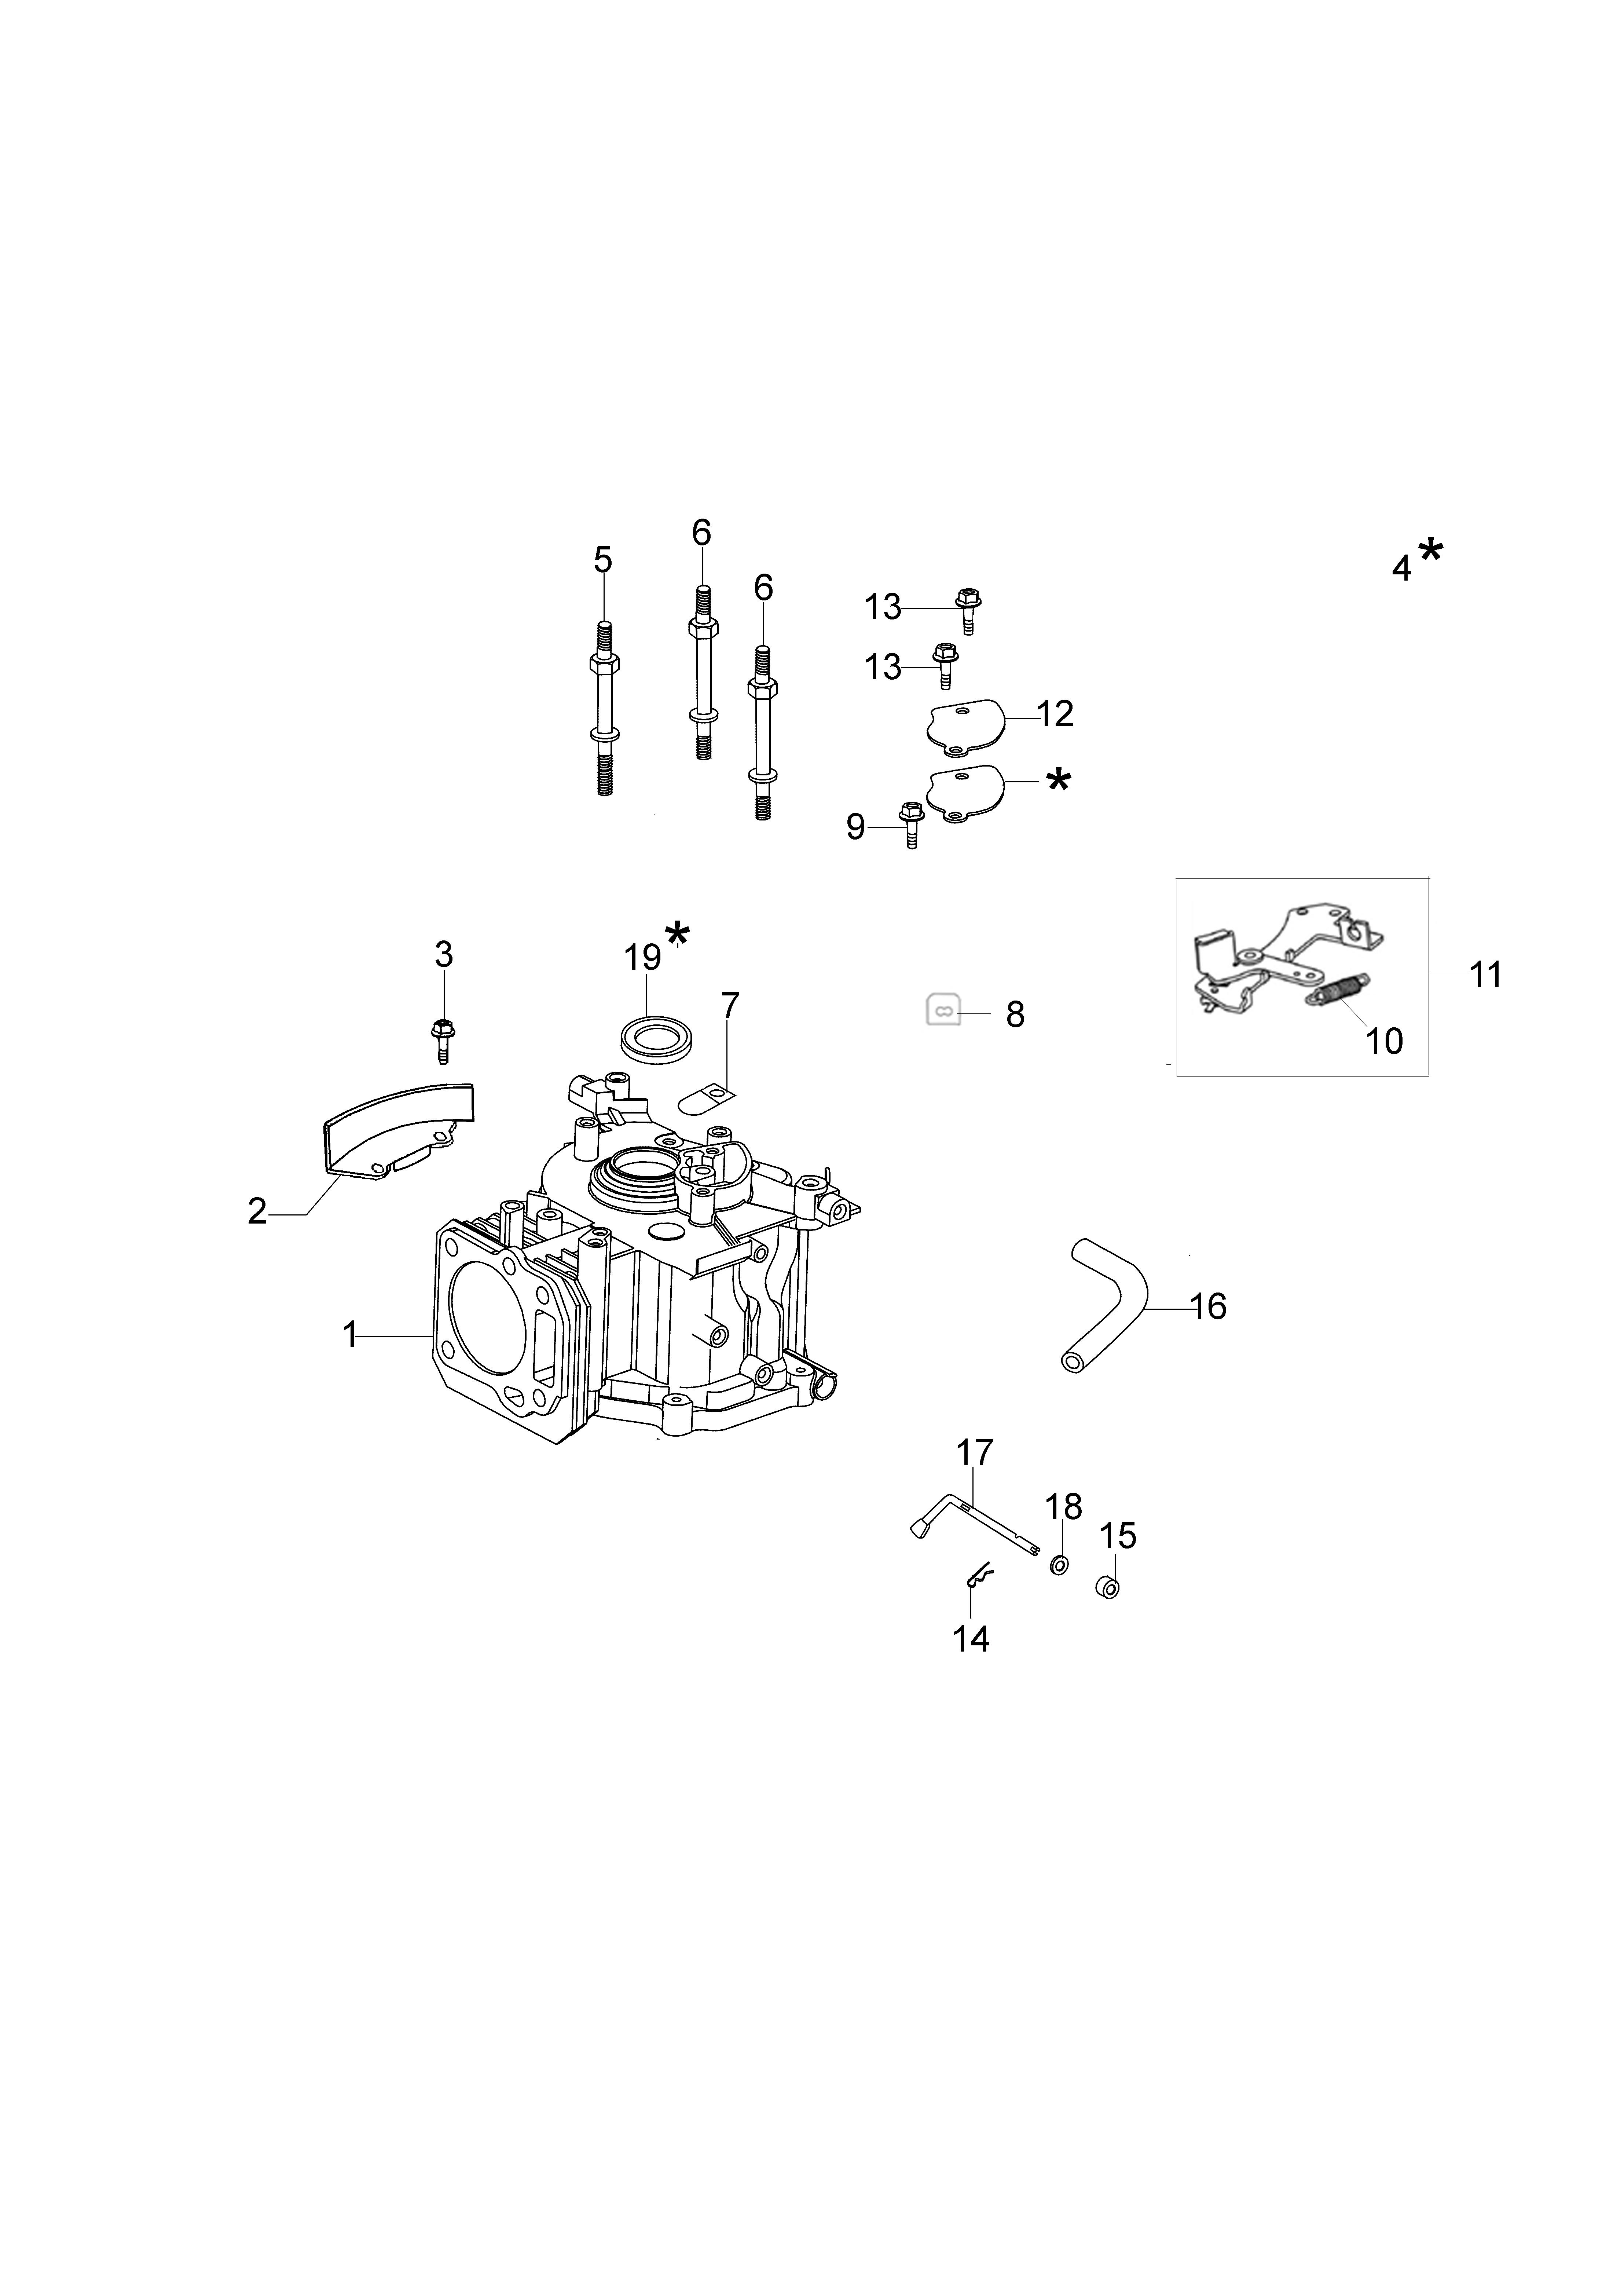 MOTEUR K500 emak vue éclatée Dessins pièces - Cylindre et soubassement